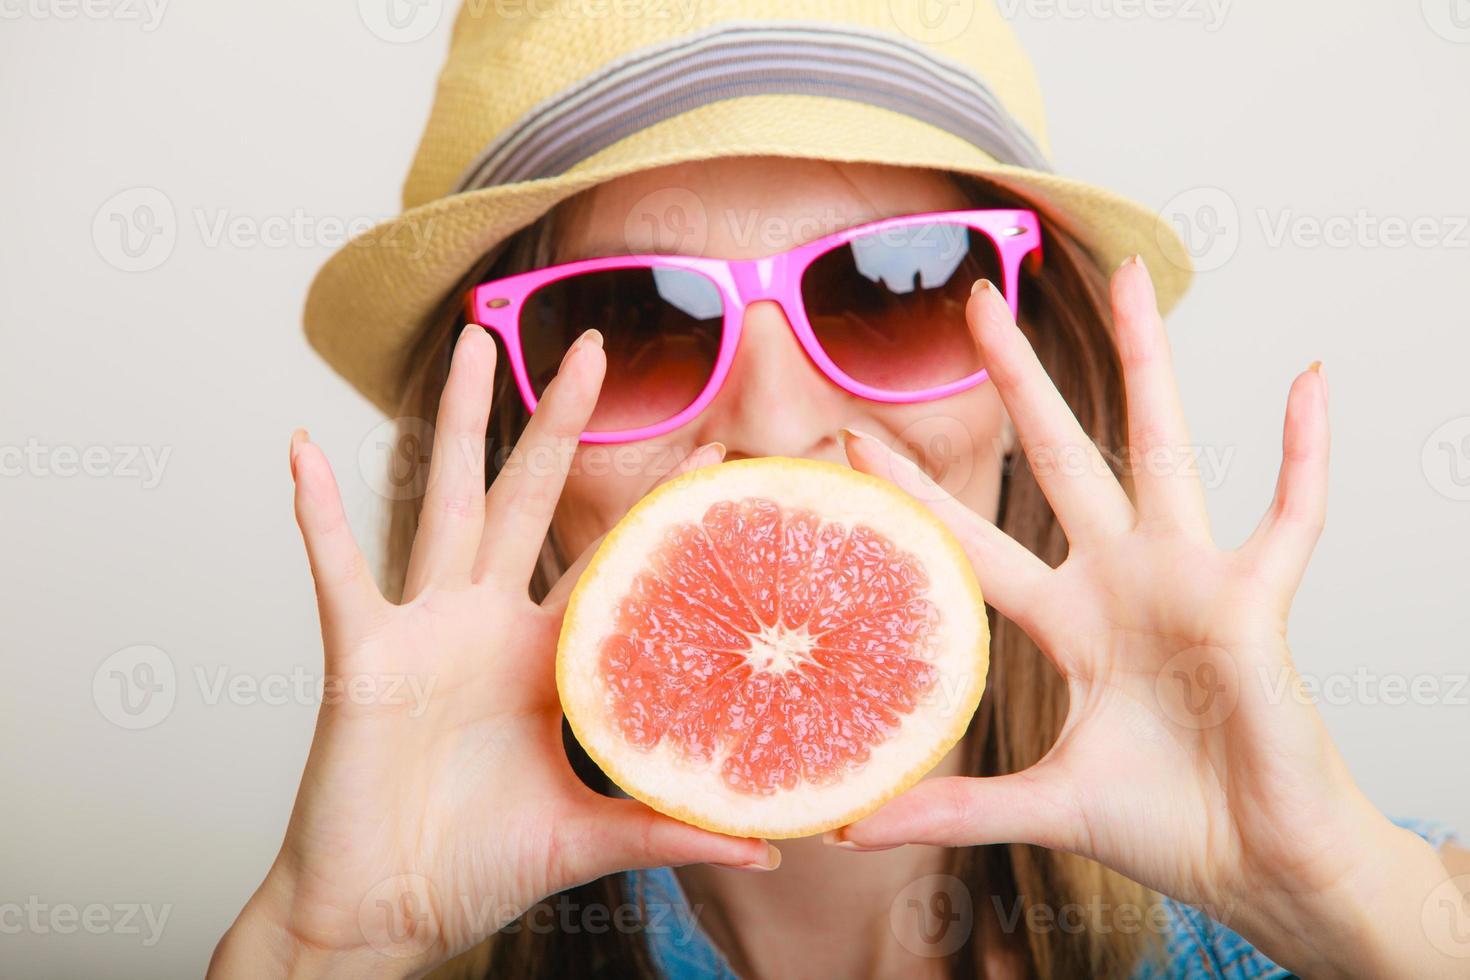 verão. turista garota segurando uma fruta cítrica de toranja foto